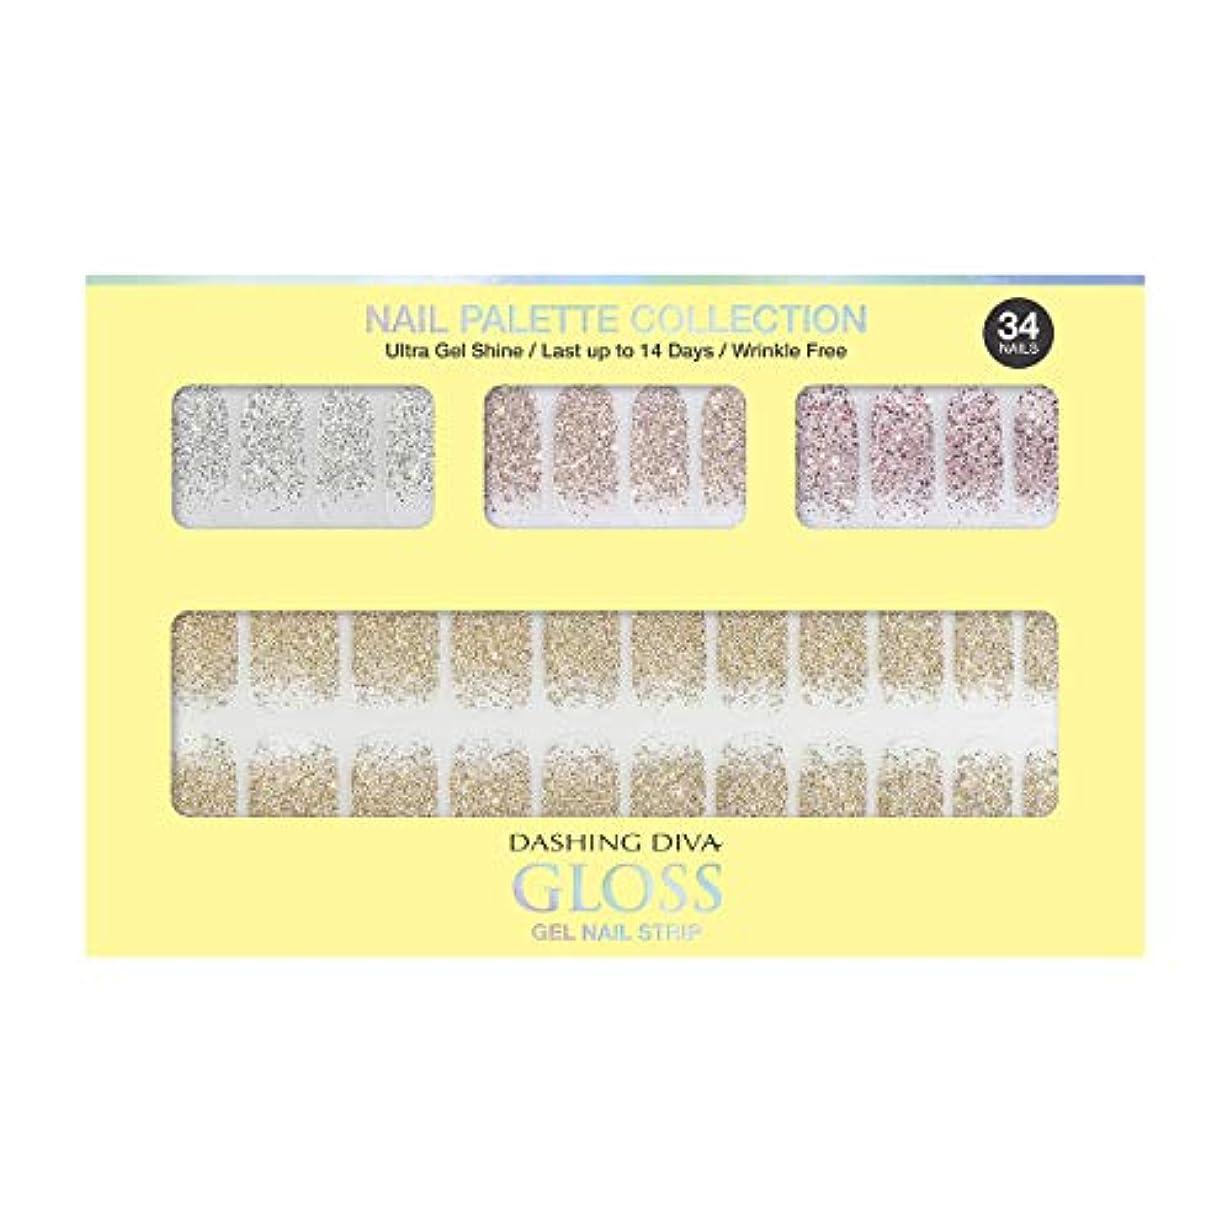 支援する噴出する宇宙船ダッシングディバ グロスジェル ネイルストリップ DASHING DIVA Gloss Gel Nail Strip DGNP07-DURY+ オリジナルジェル ネイルシール Lemon #07 Sparkling Powder